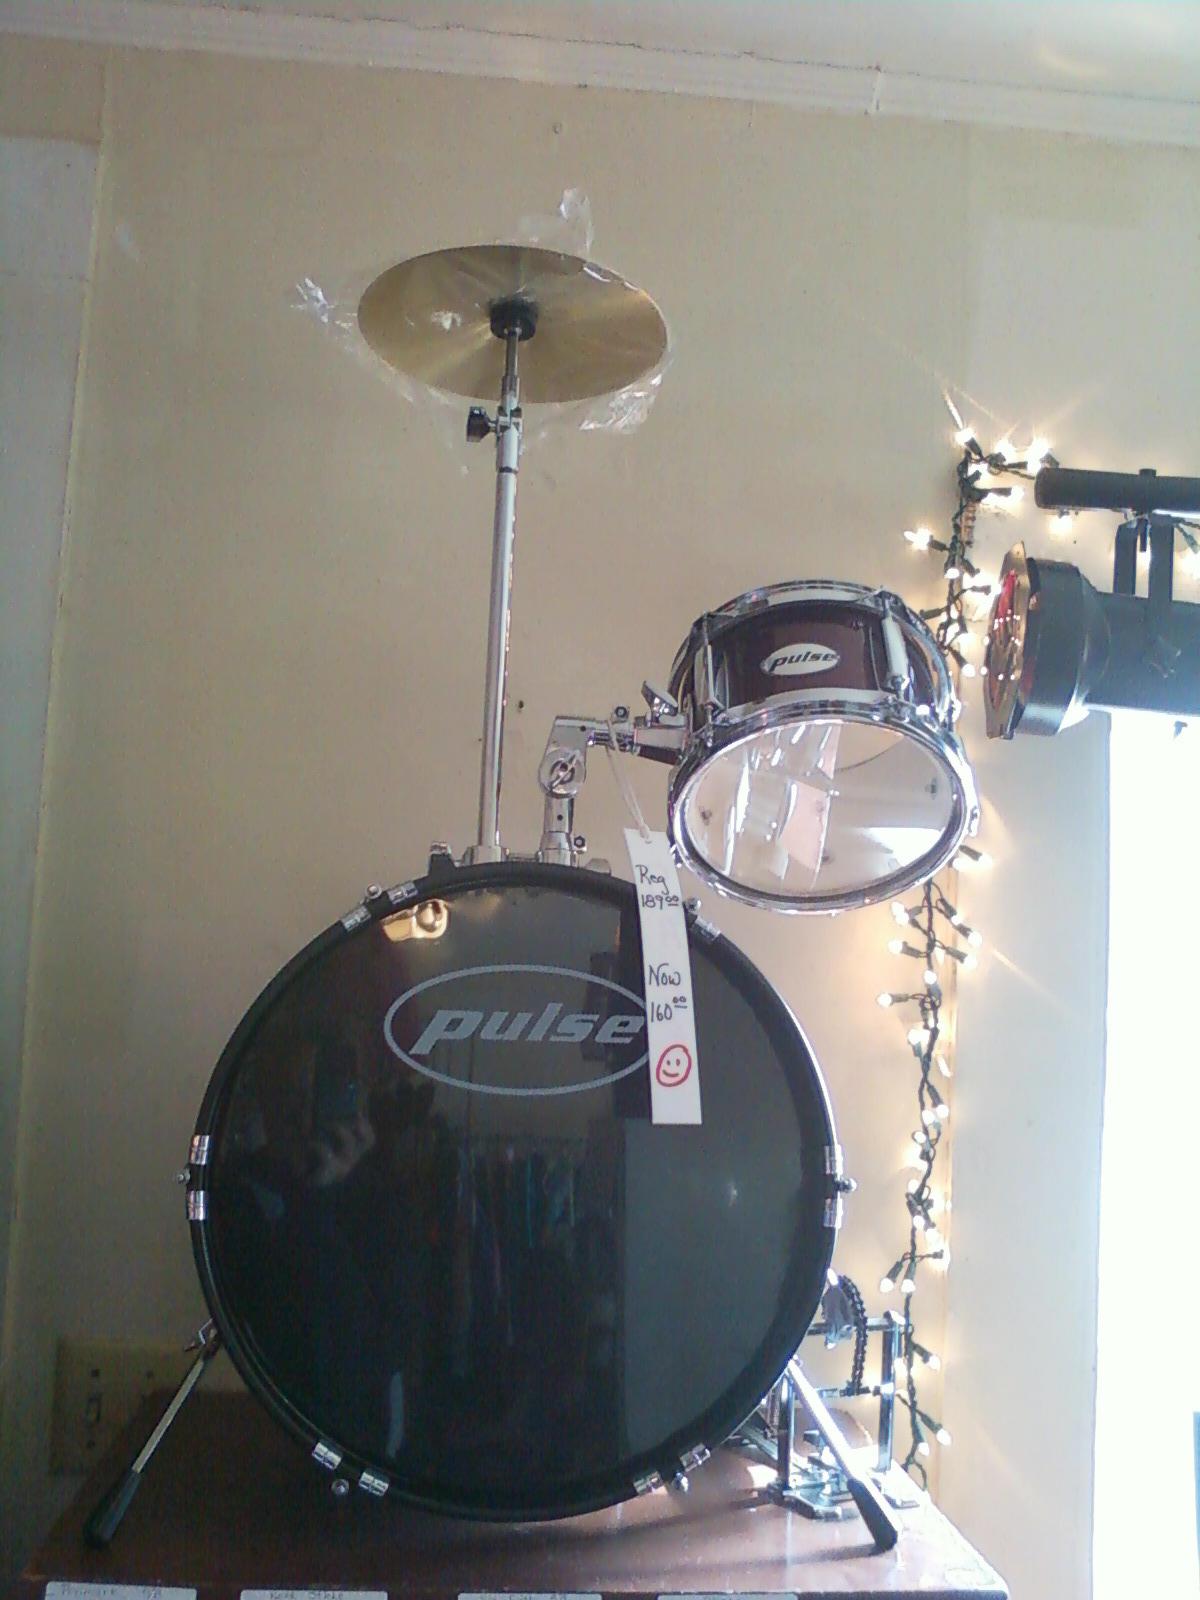 The Drum Line Pulse Junior Drum Kit